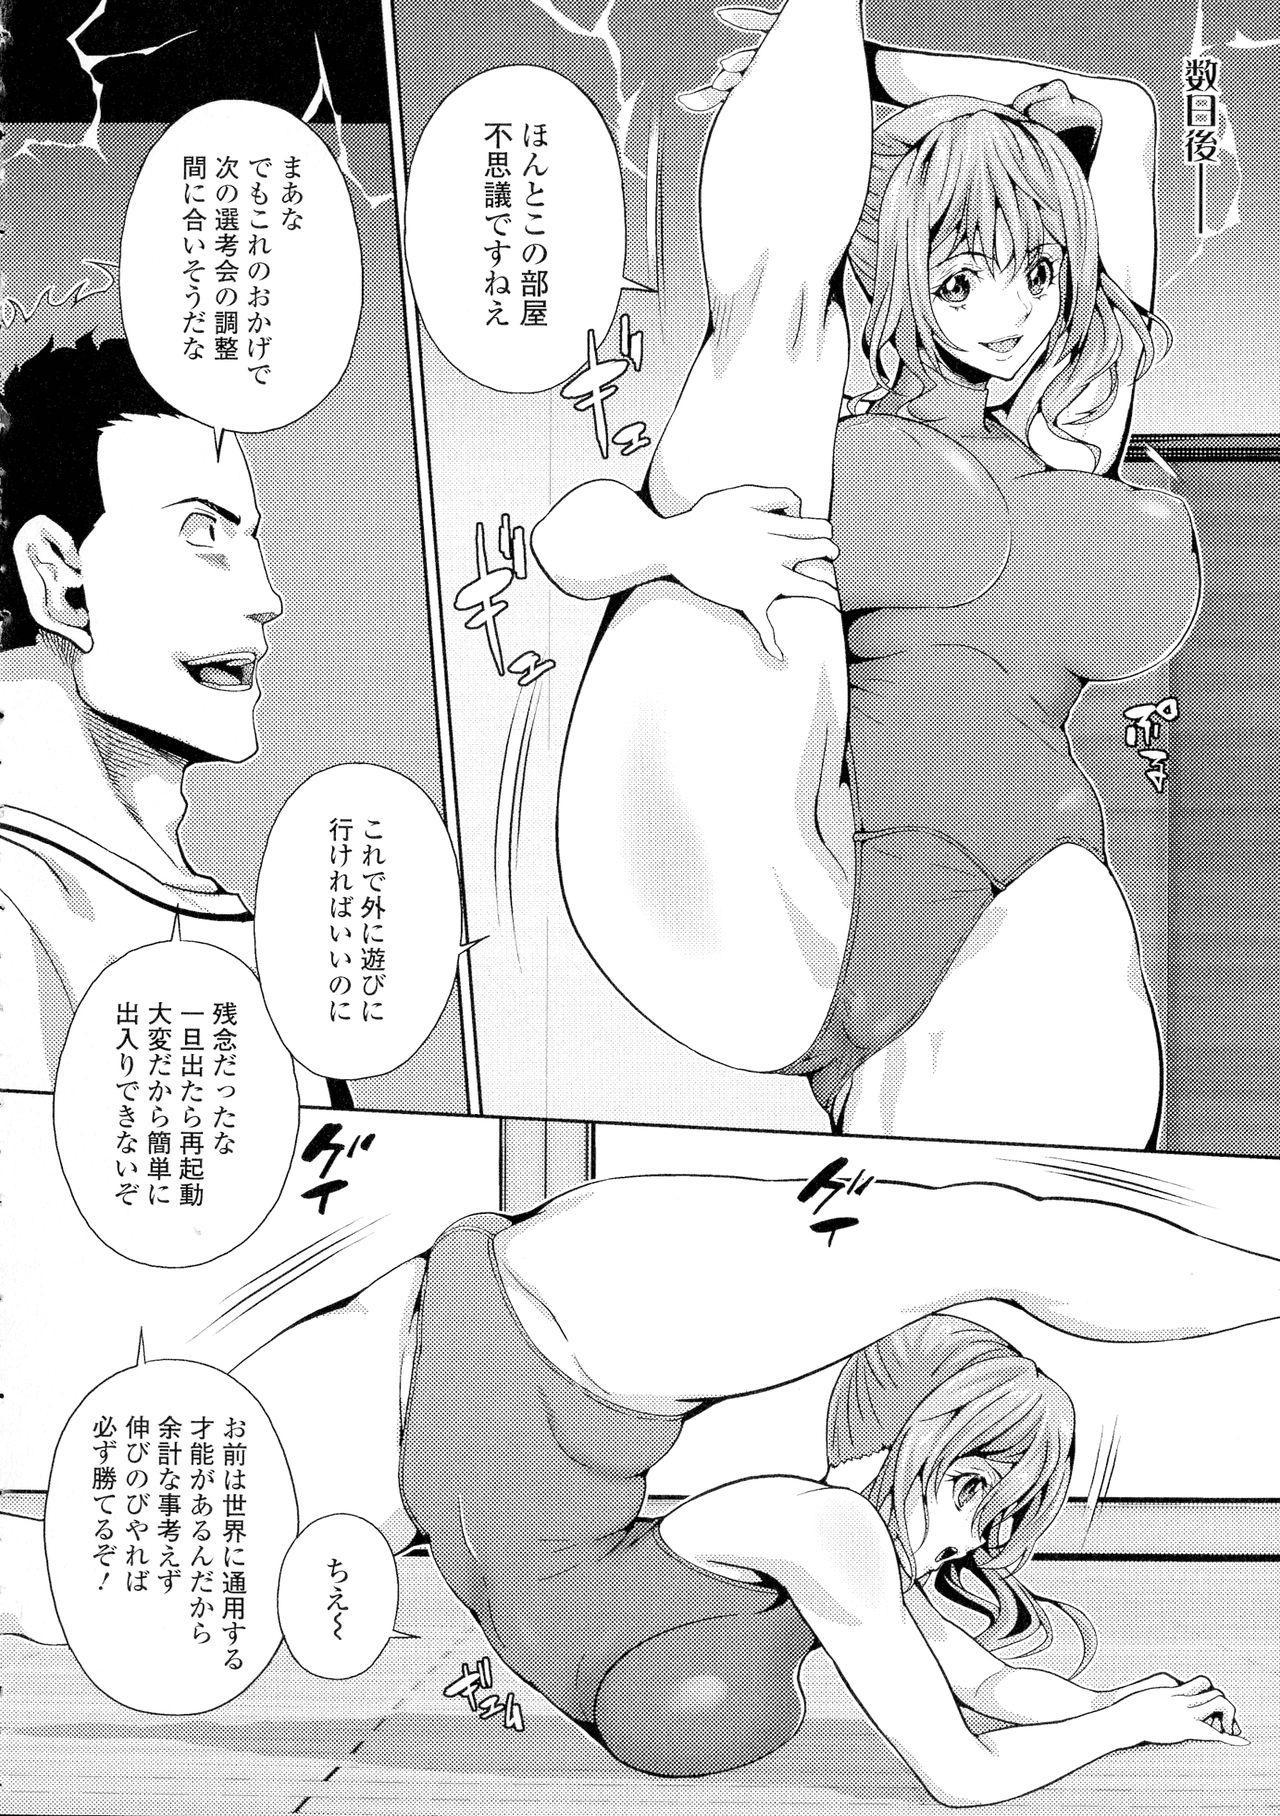 Futanari Tsunagari - Androgynos Sexual intercourse 180